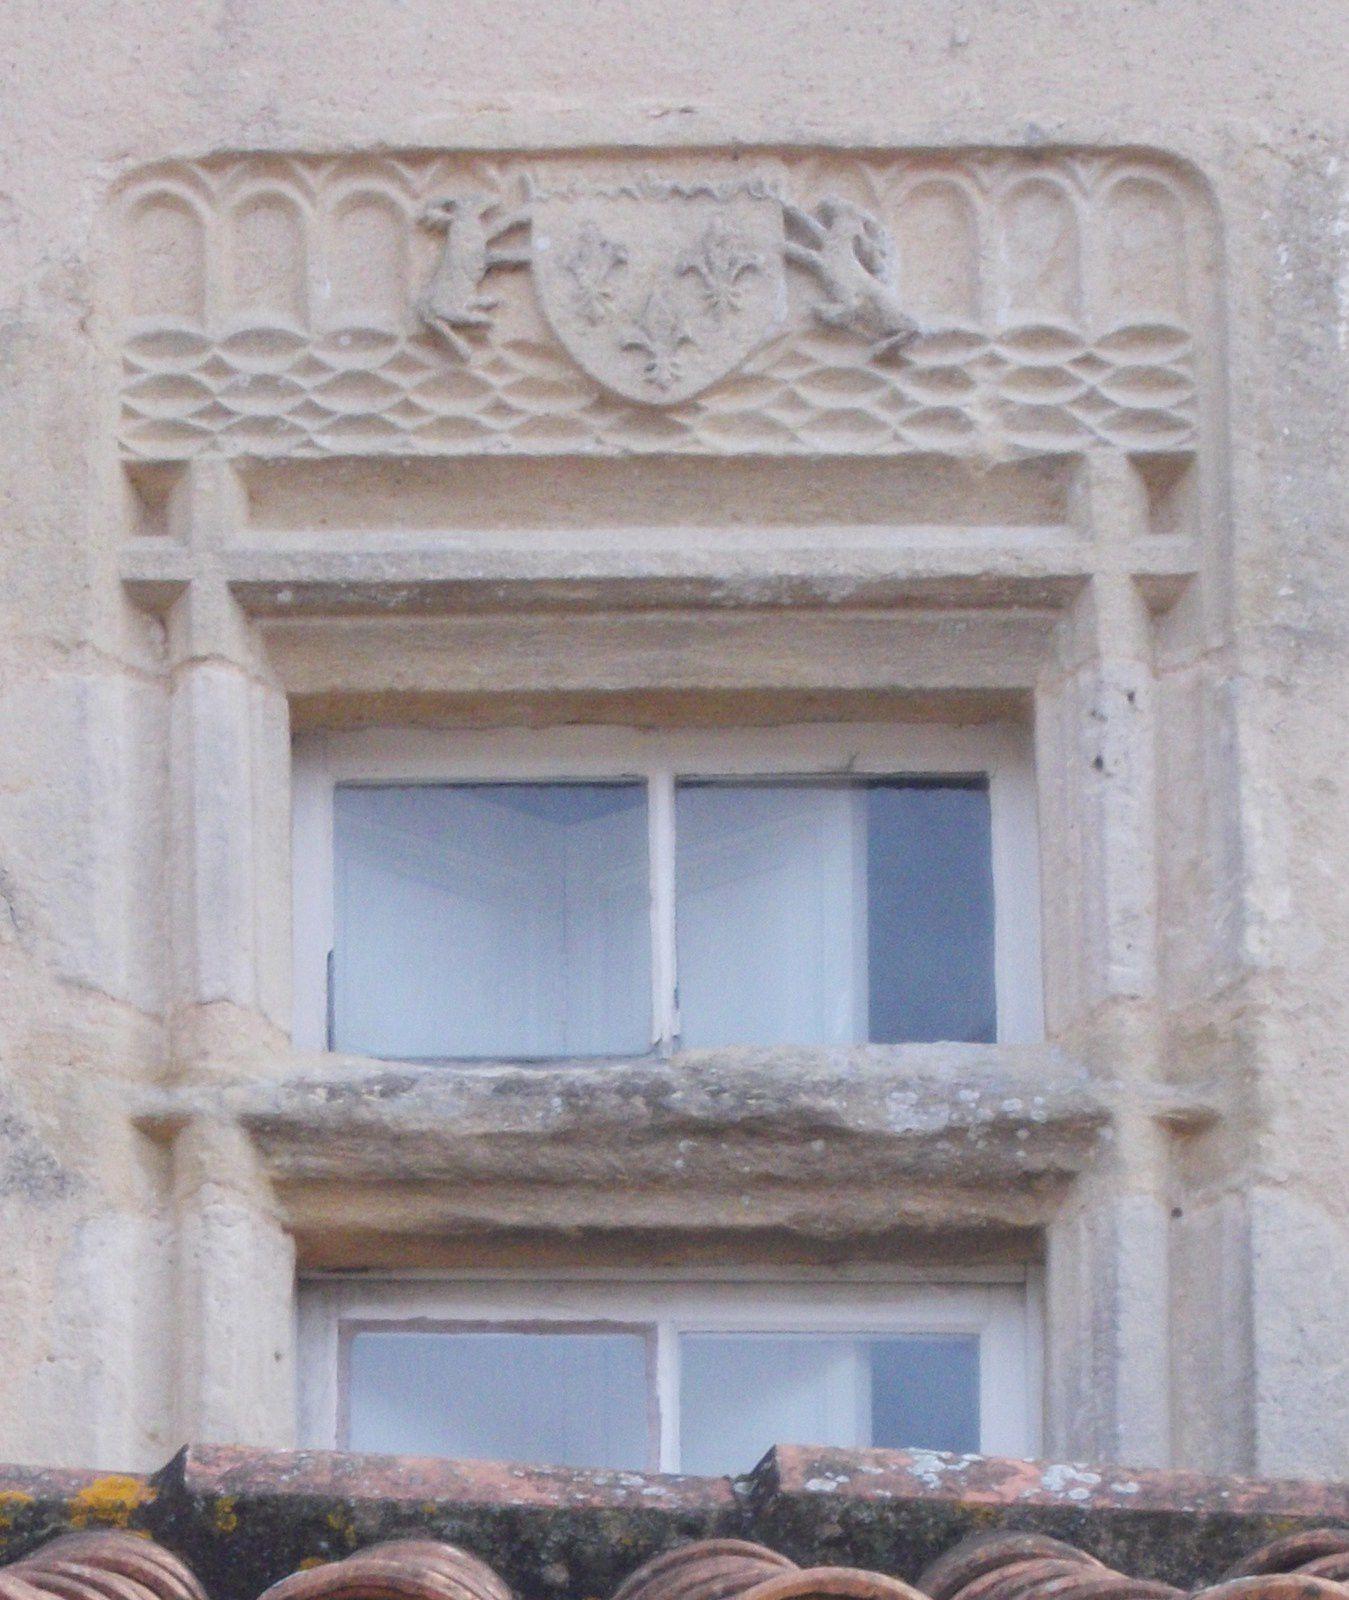 la façade arrière avec l'école accolée et la tour & la fenêtre aux armes de France et de Duras